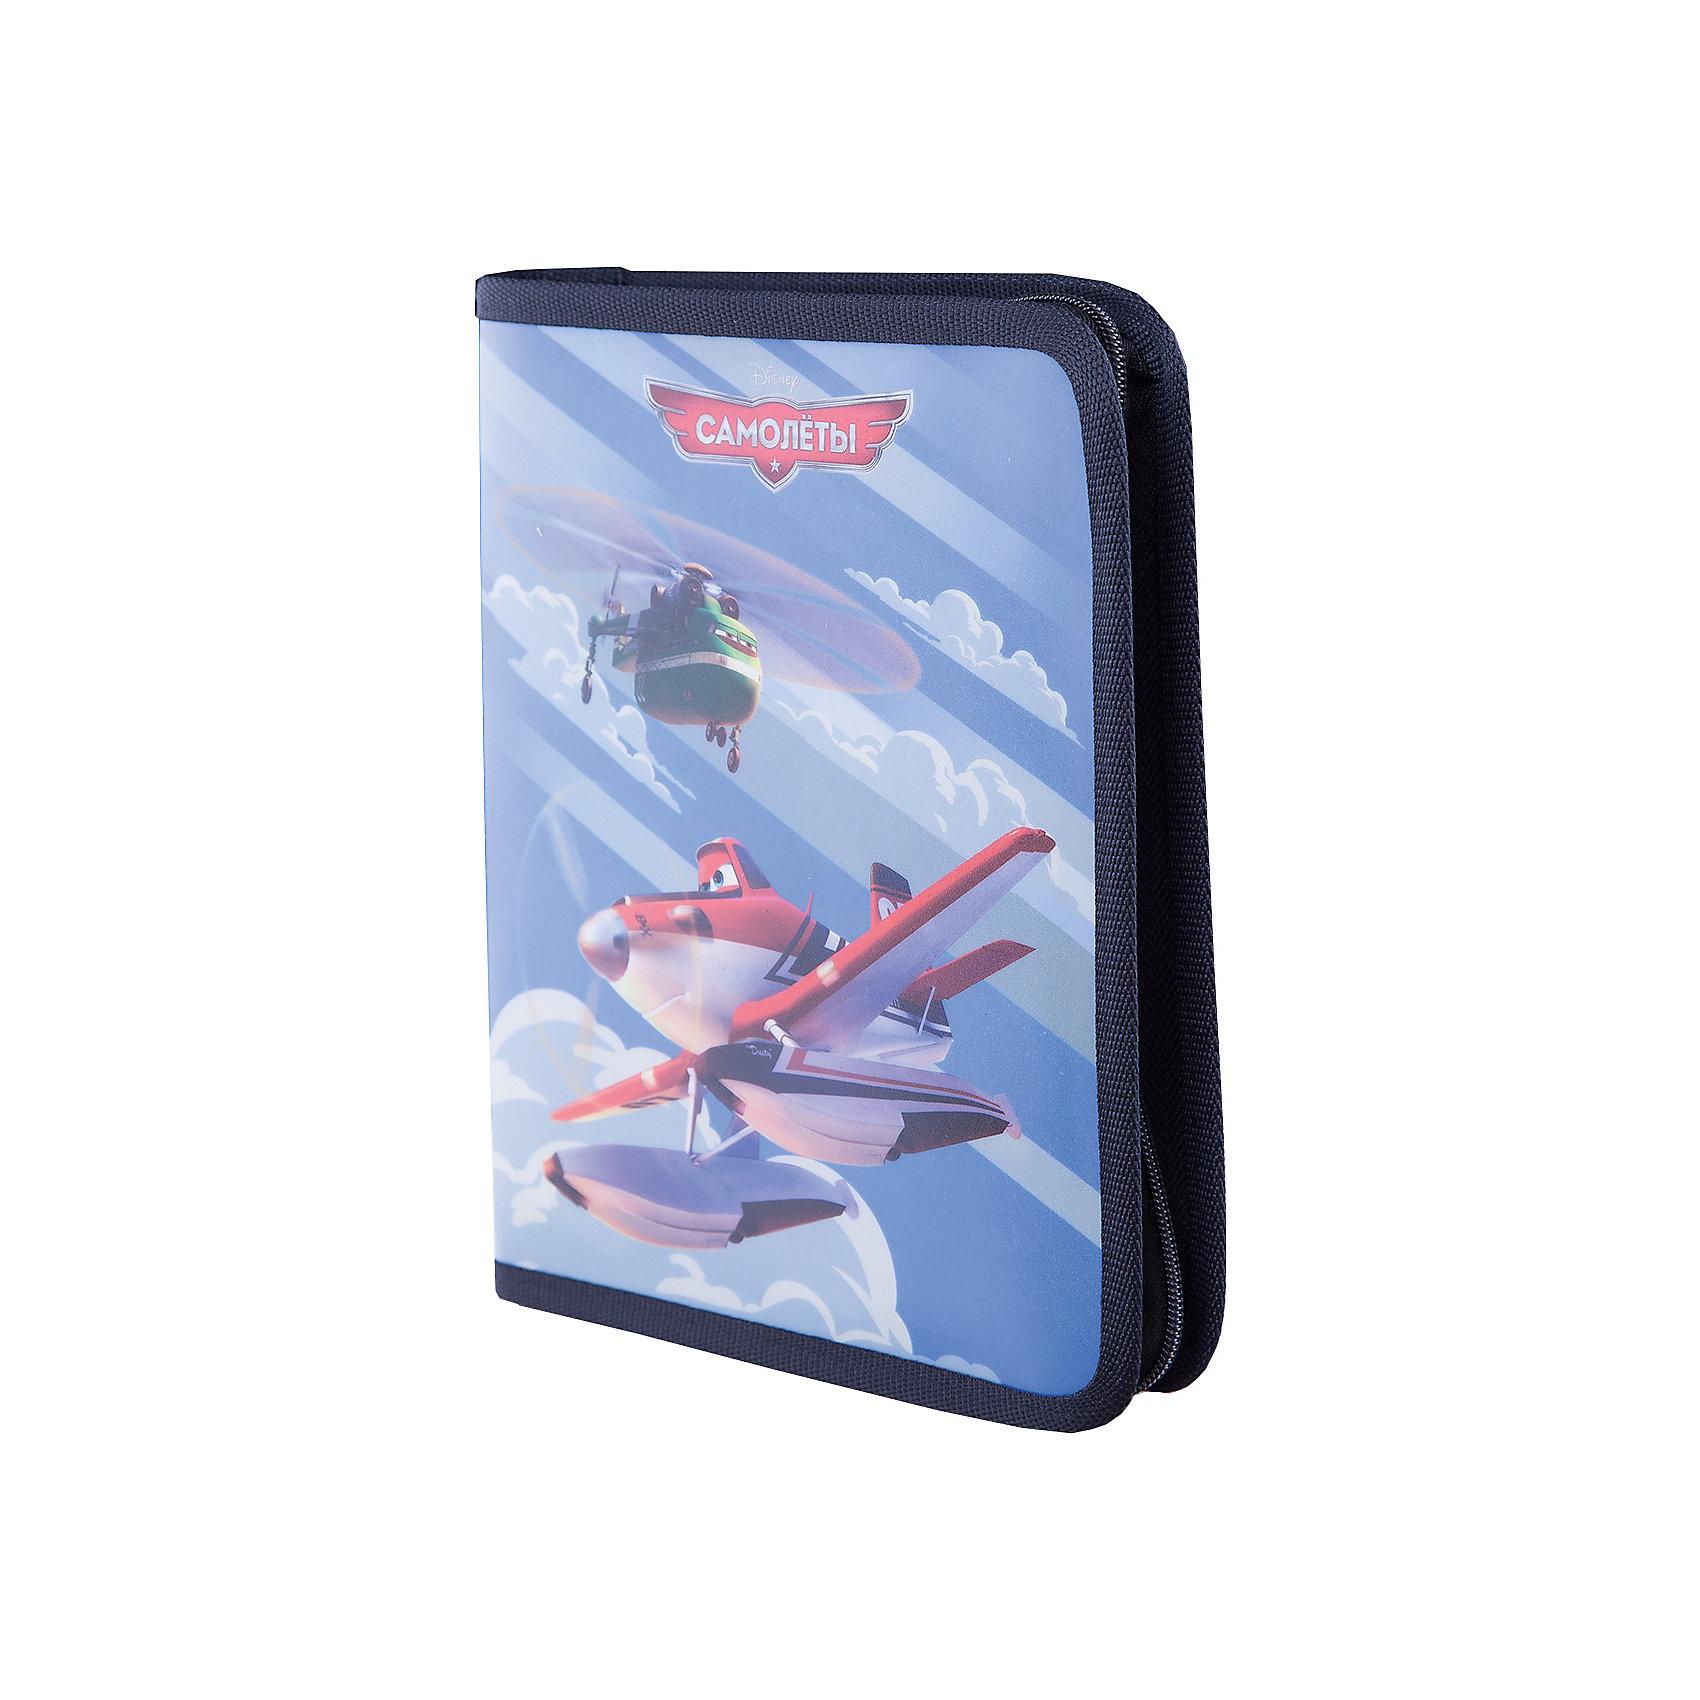 Папка для тетрадей на молнии B5 Flying PlansПапки для тетрадей<br>Характеристики товара:<br><br>• герой: Flying Plans;<br>• материал: полиэстер;<br>• размер упаковки: 20.3x25x3.5 см;<br>• формат: В5;<br>• страна изготовитель: Россия<br><br>Папка для тетрадей — незаменимая вещь для каждого школьника. С ней все тетради будут на месте и не потеряются. <br><br>Плотный материал, из которого она изготовлена, не даст бумажной канцелярии помяться. <br><br>Папку для тетрадей  B5 Flying Plans можно купить в нашем интернет-магазине.<br><br>Ширина мм: 250<br>Глубина мм: 176<br>Высота мм: 20<br>Вес г: 92<br>Возраст от месяцев: 72<br>Возраст до месяцев: 96<br>Пол: Мужской<br>Возраст: Детский<br>SKU: 6842700